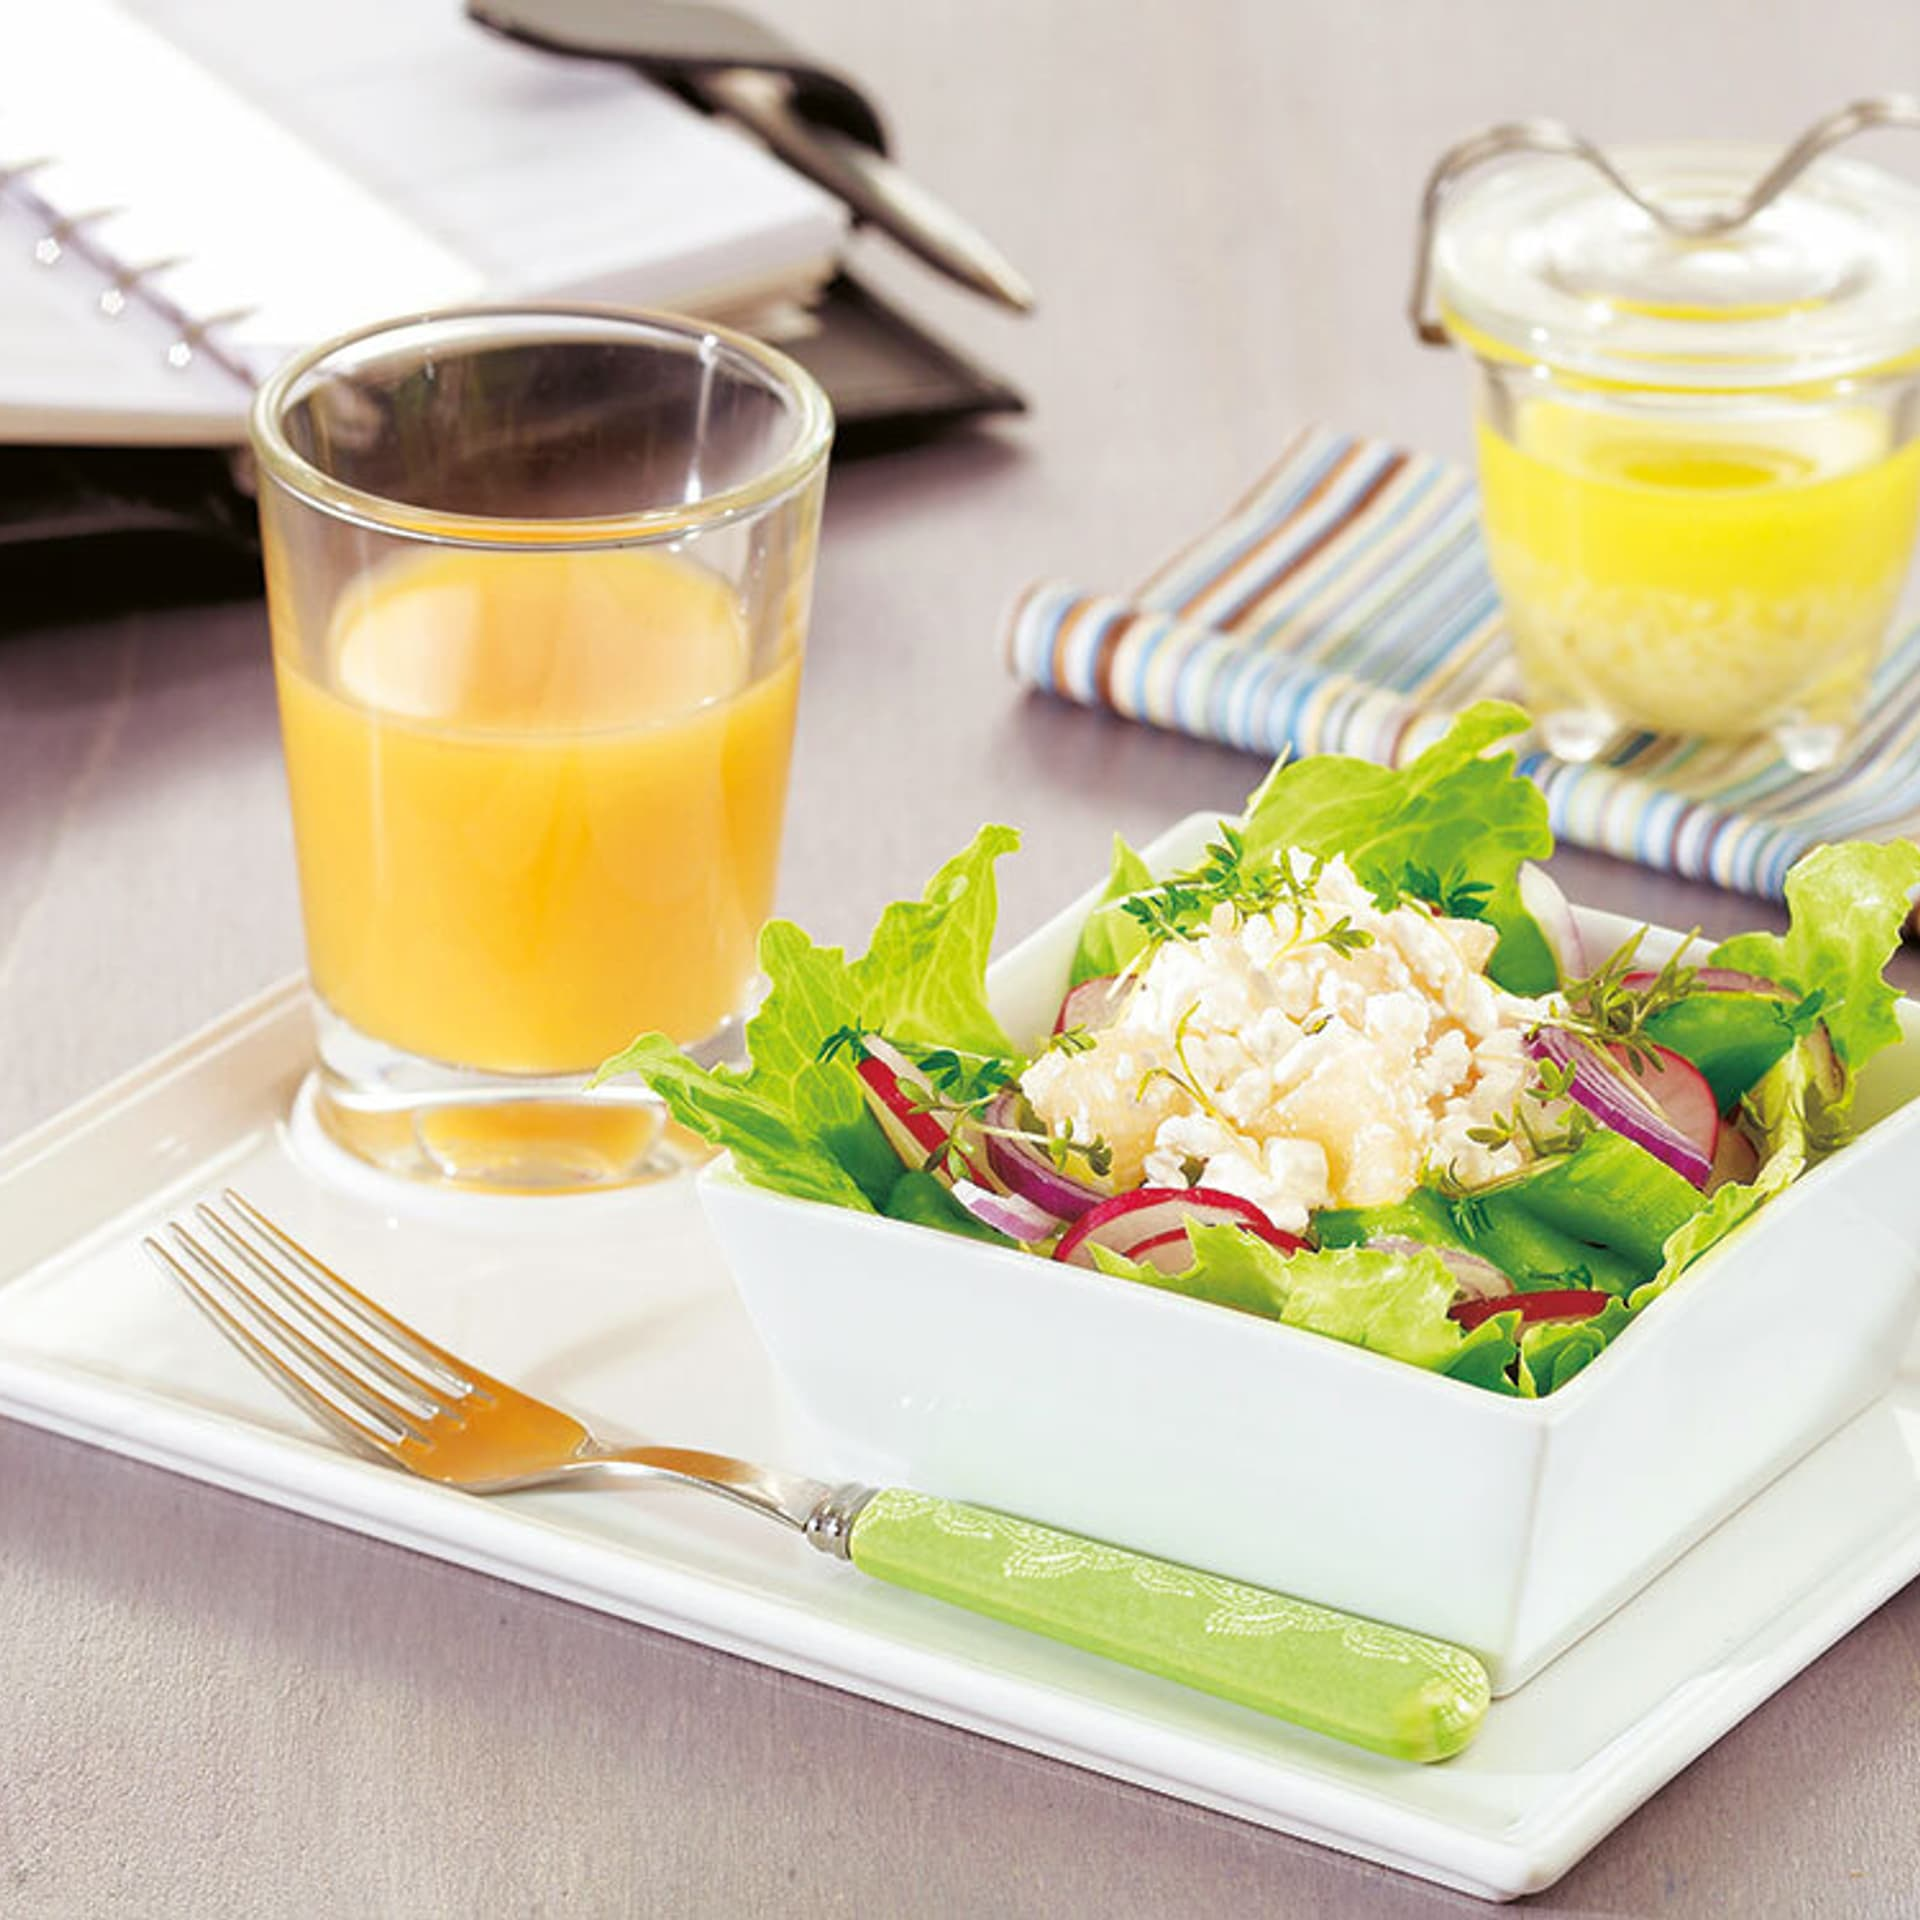 Bunter Salat mit Ananas in einem kleinen Schälchen